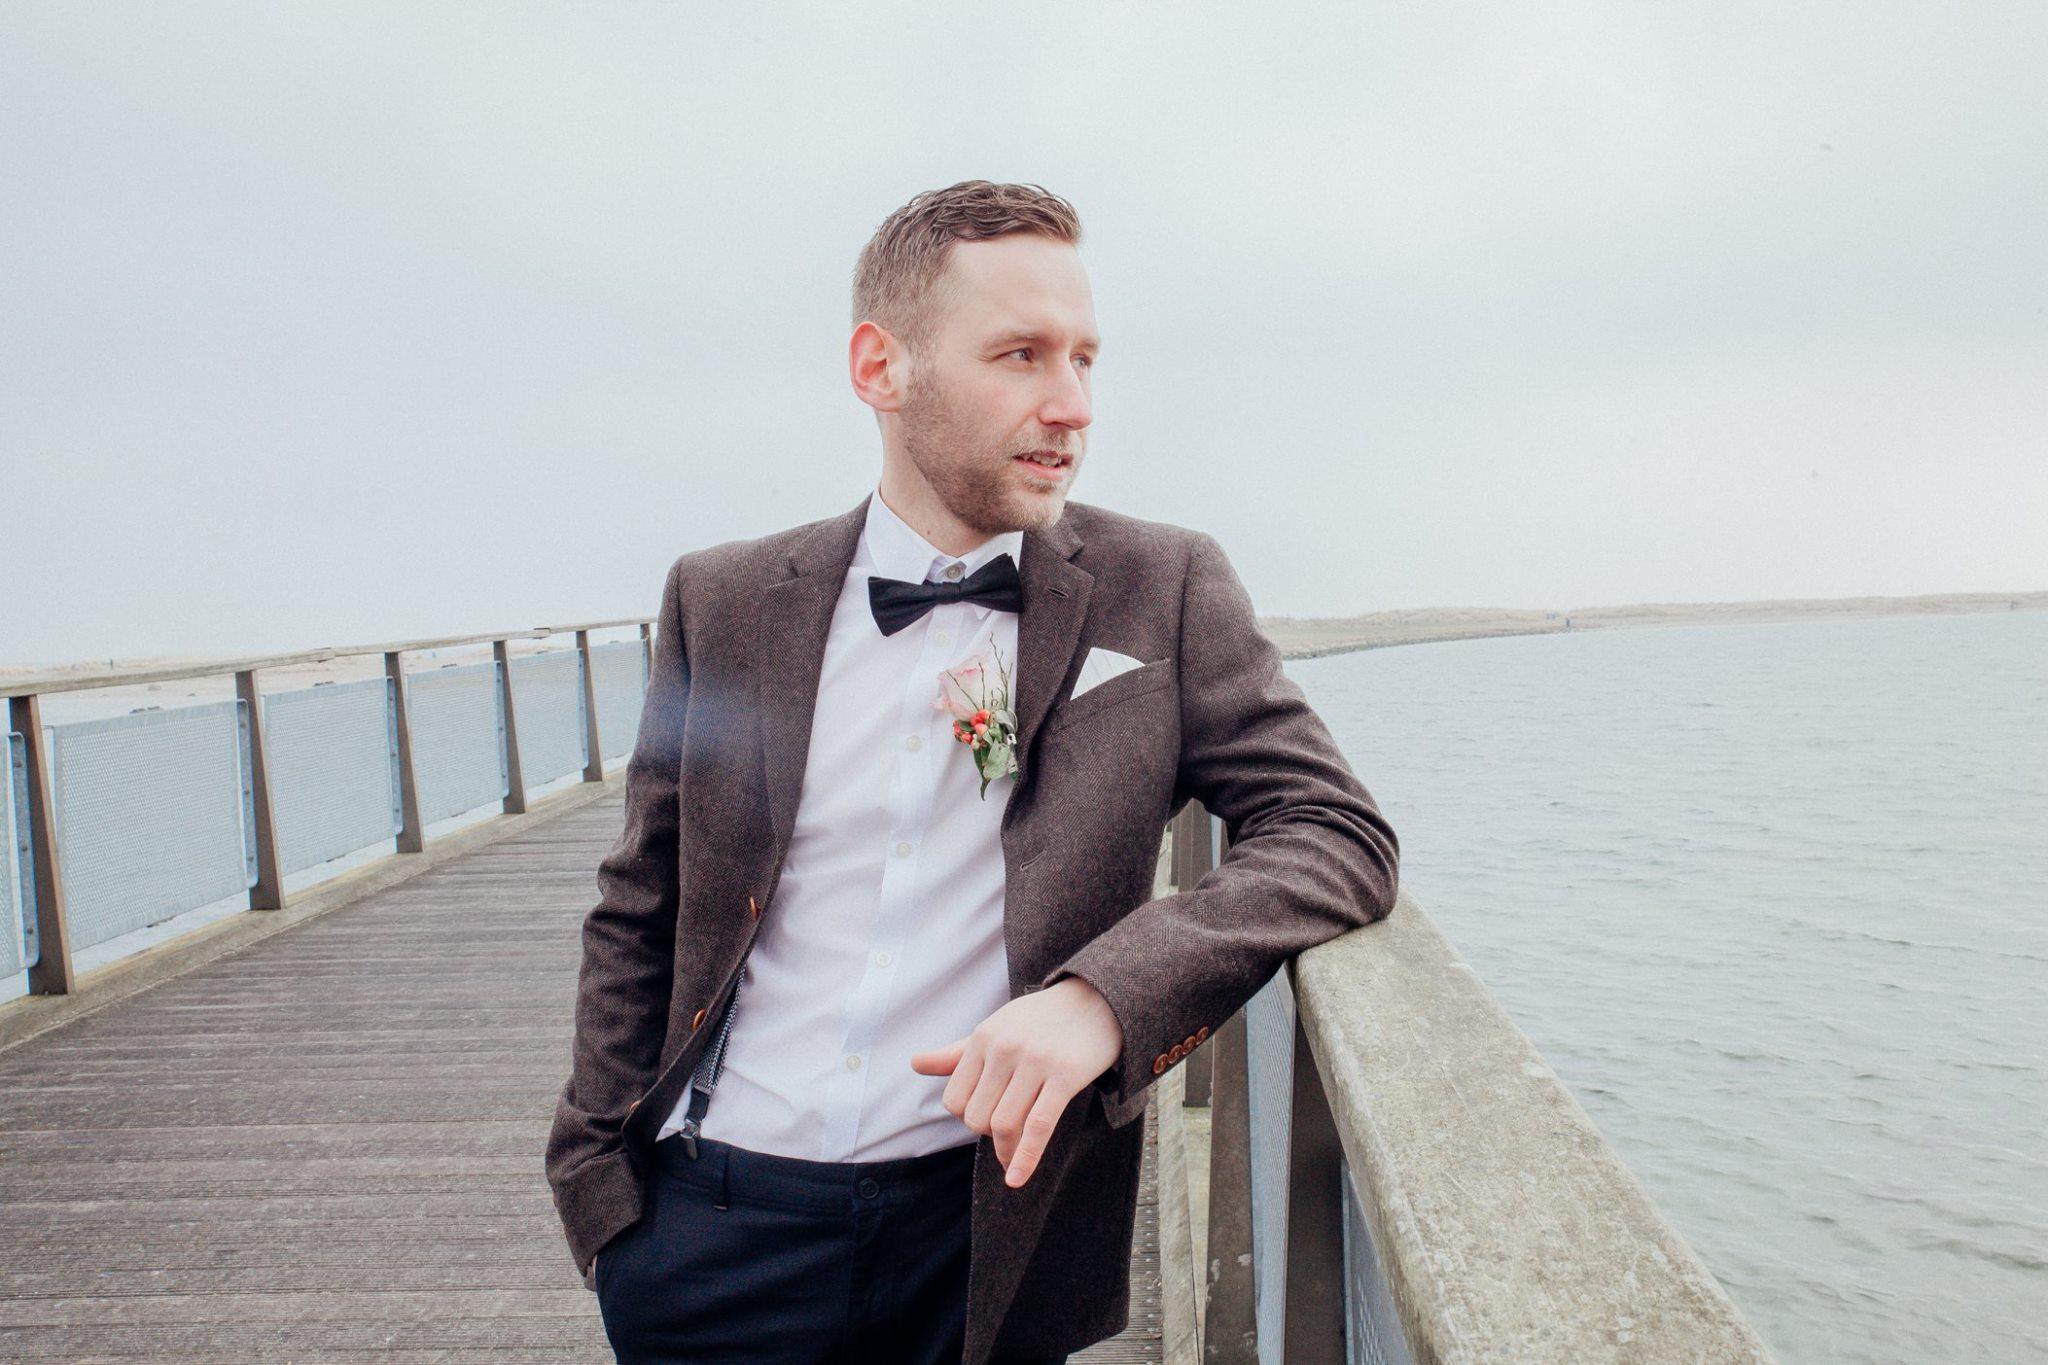 Wedding-in-Denmark-Marriage-Copenhagen-Photographers-11